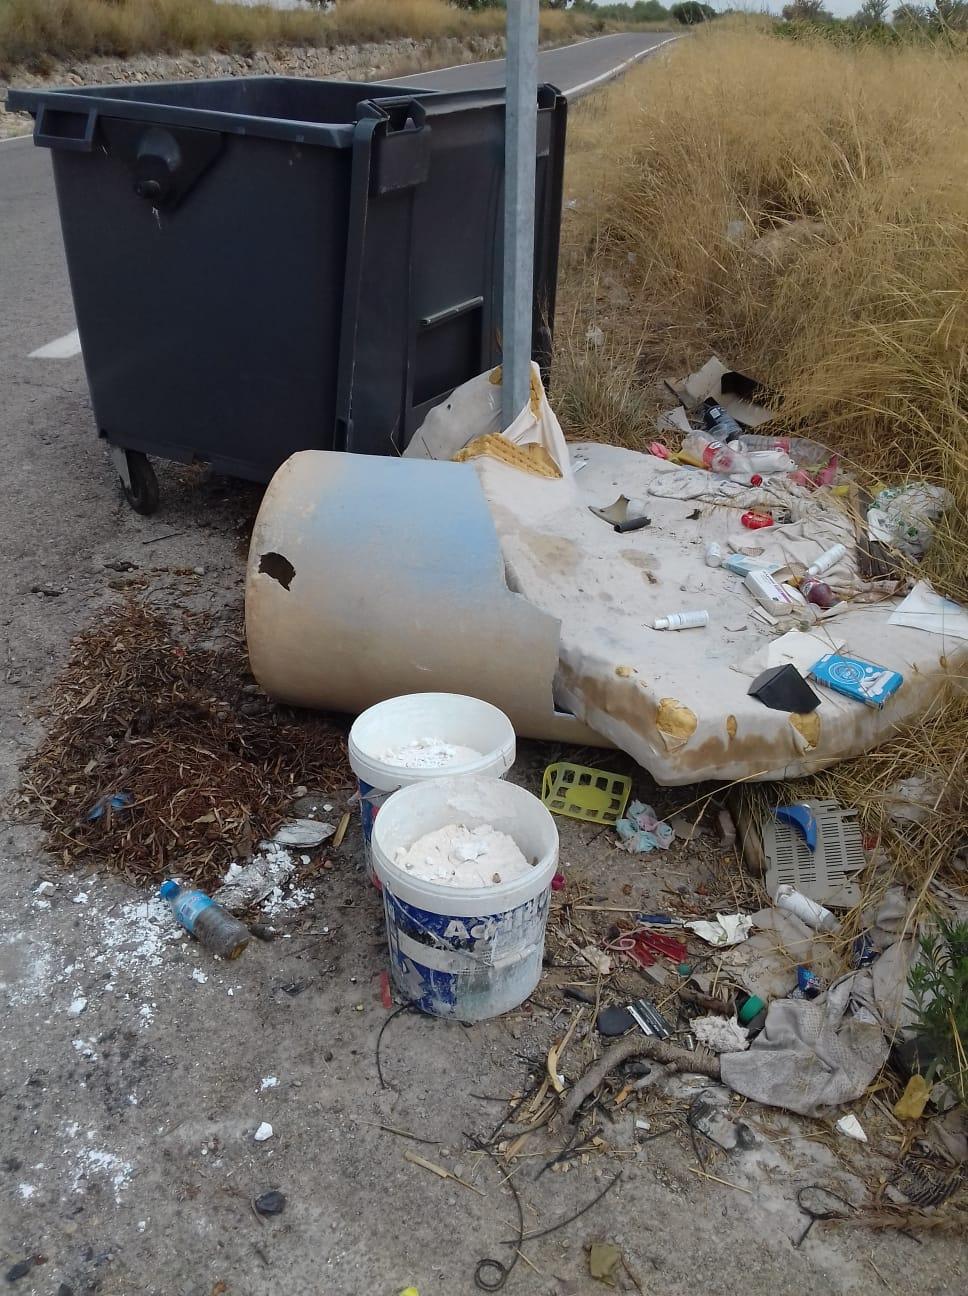 El servicio de baldeo y desinfección continúa desarrollándose en Cheste dos veces a la semana por parte de la empresa concesionaria del servicio de limpieza municipal, Fovasa.